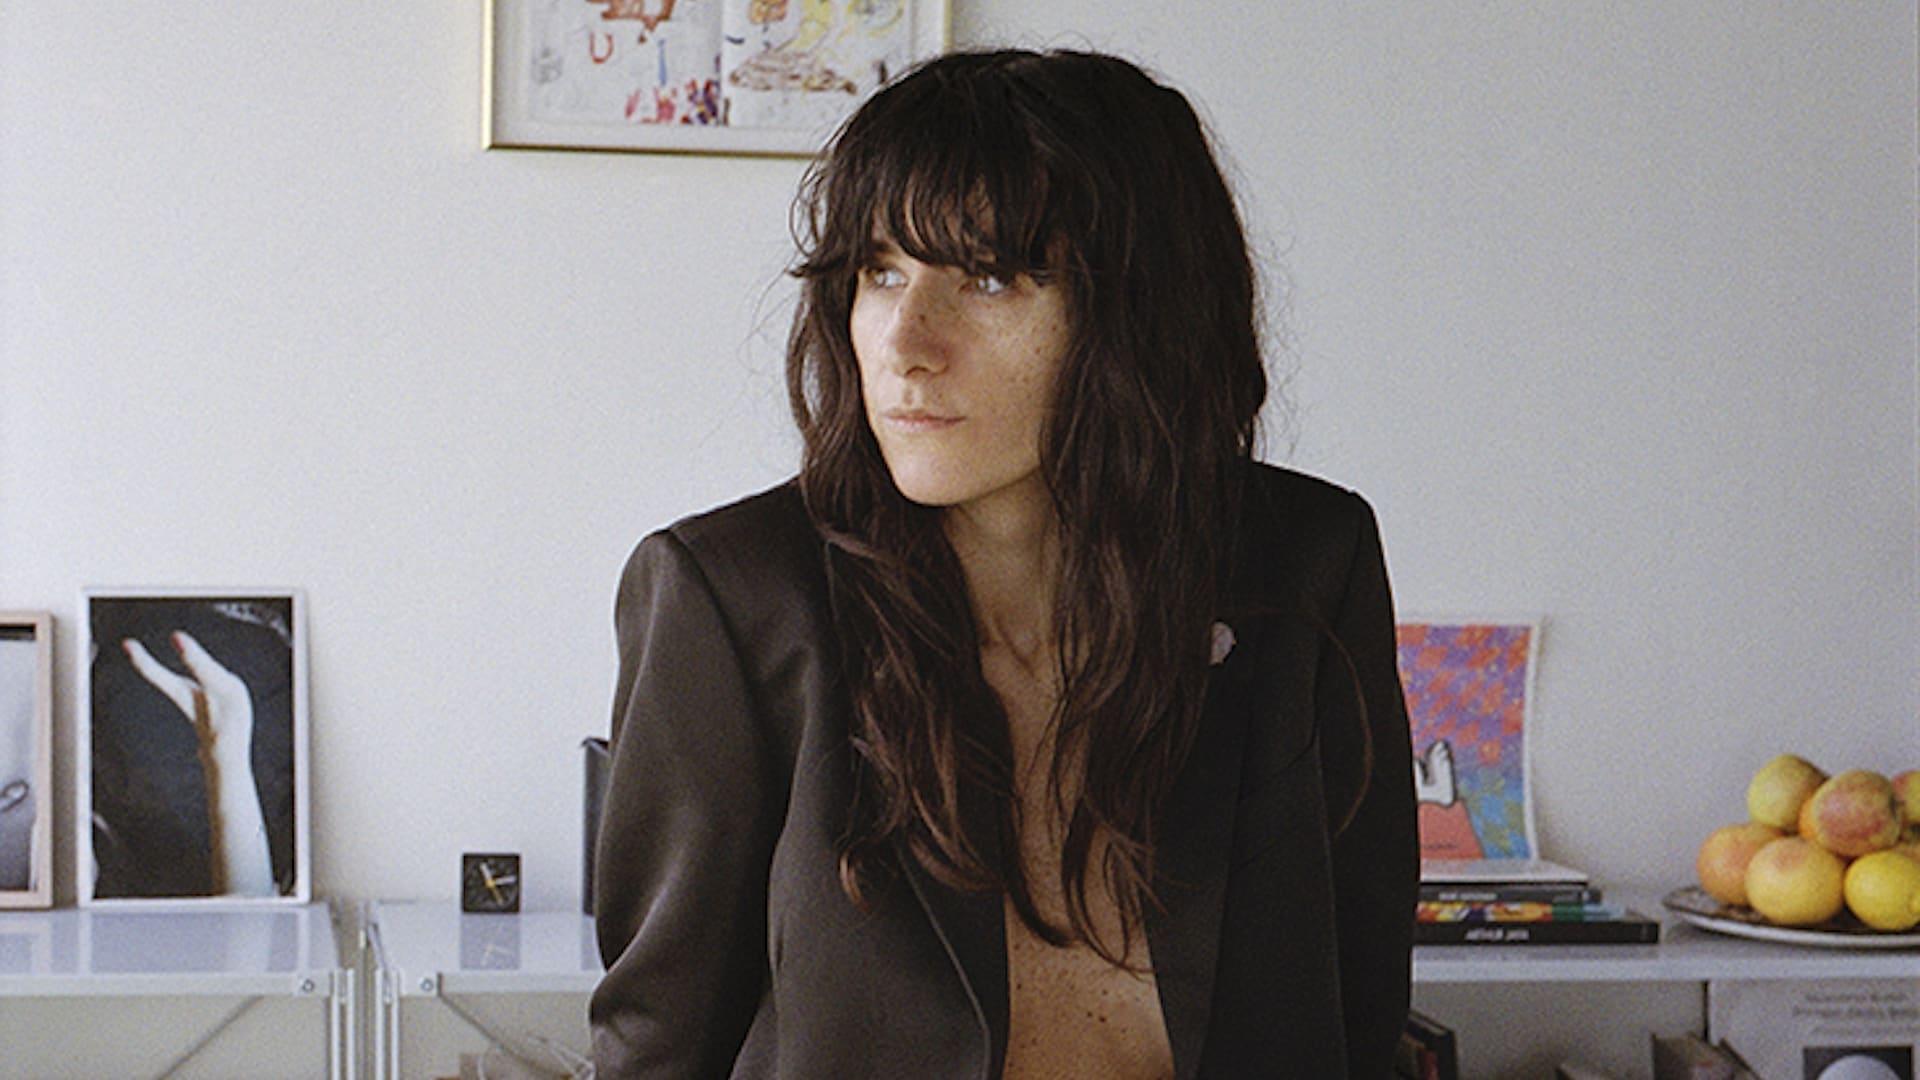 Oana Stanescu Portrait By Rachel Israela